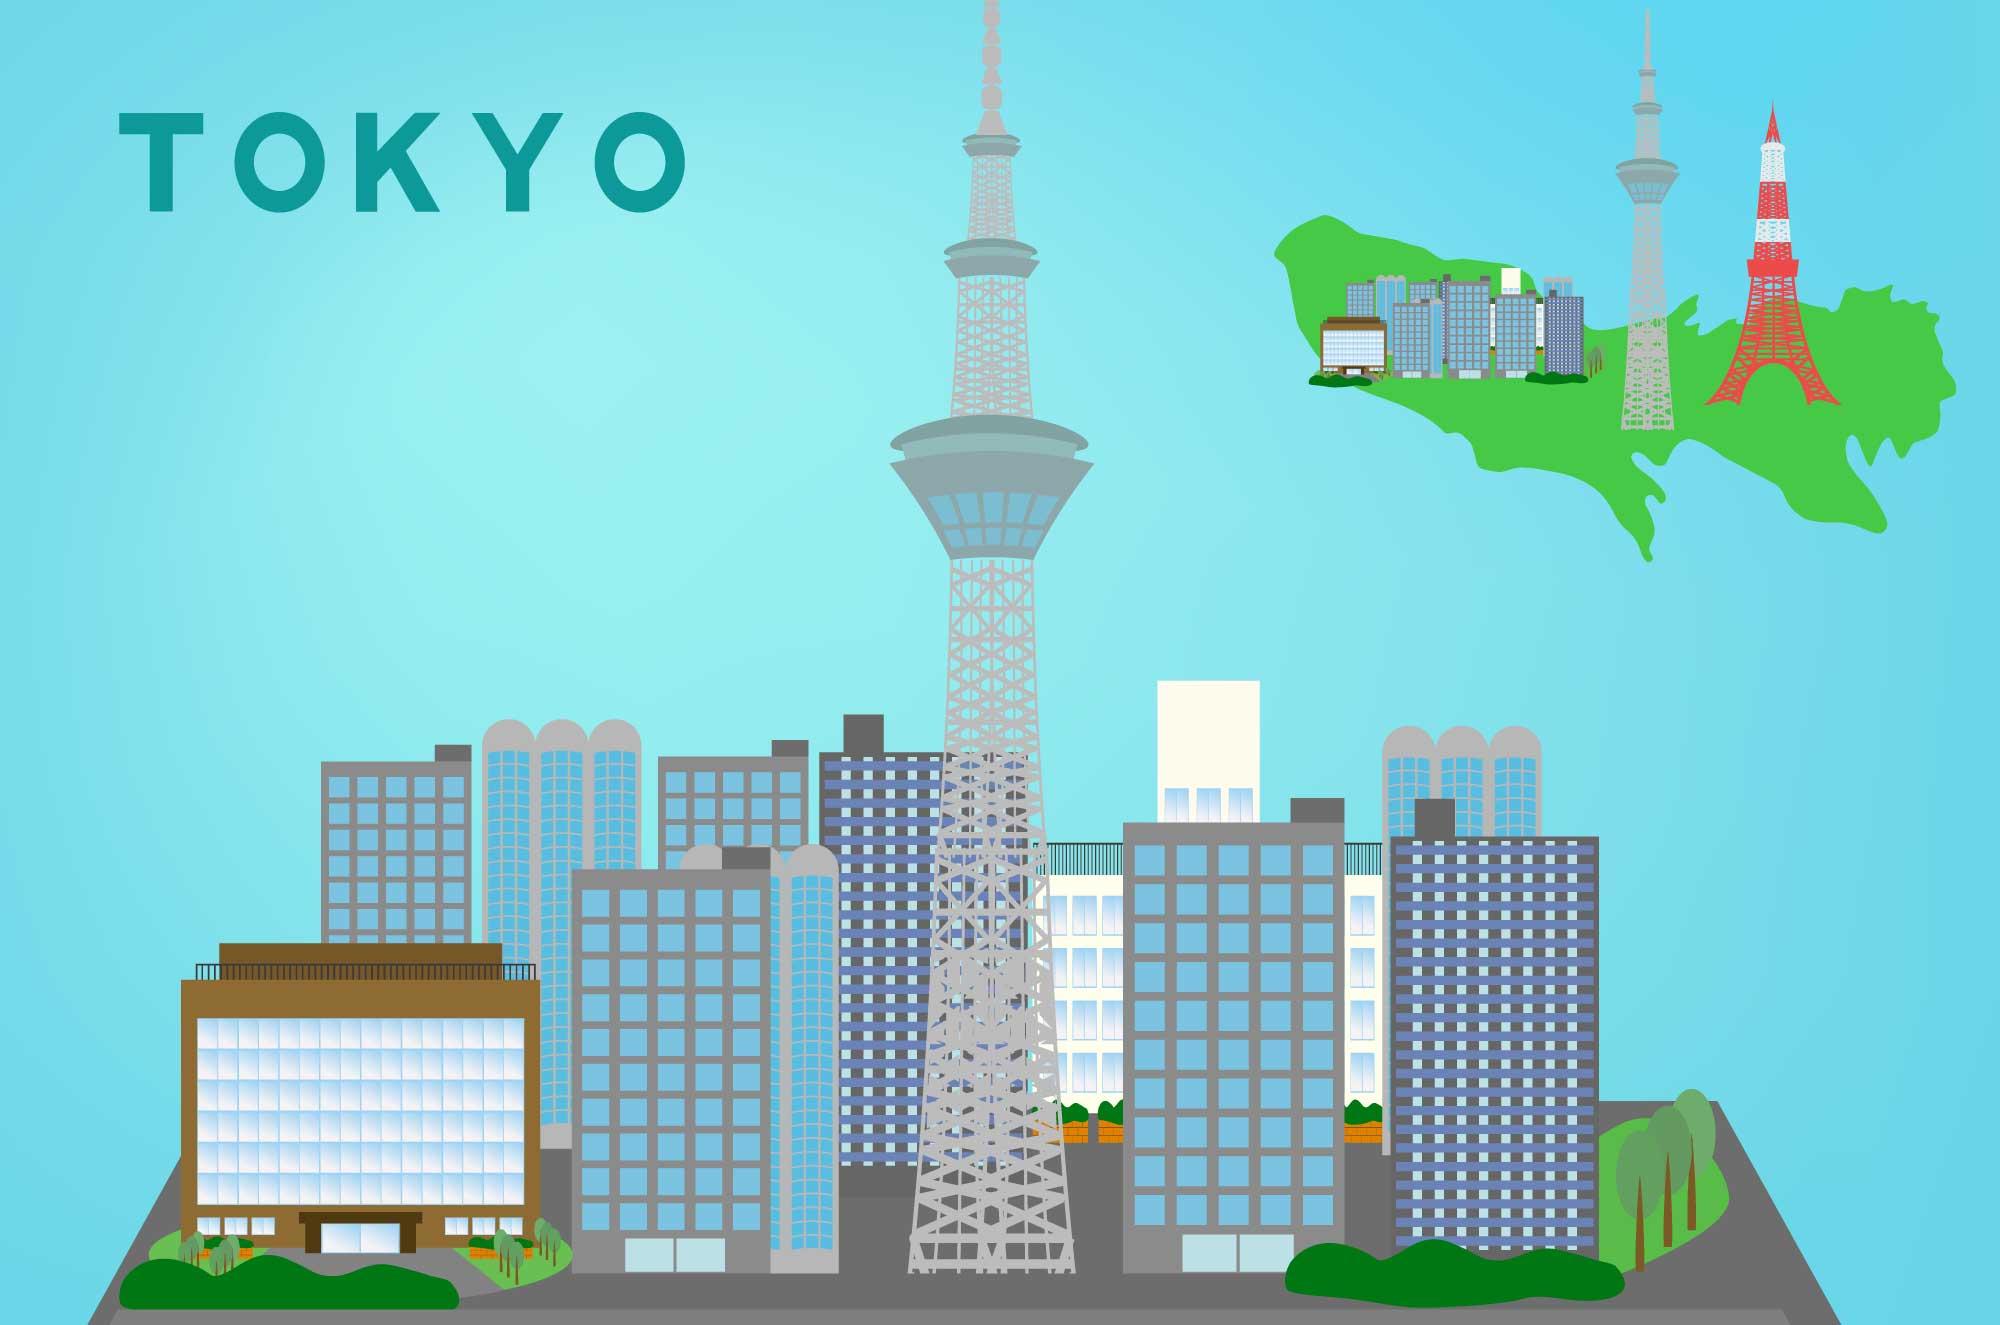 東京イラスト - タワー・地図・都会の無料素材